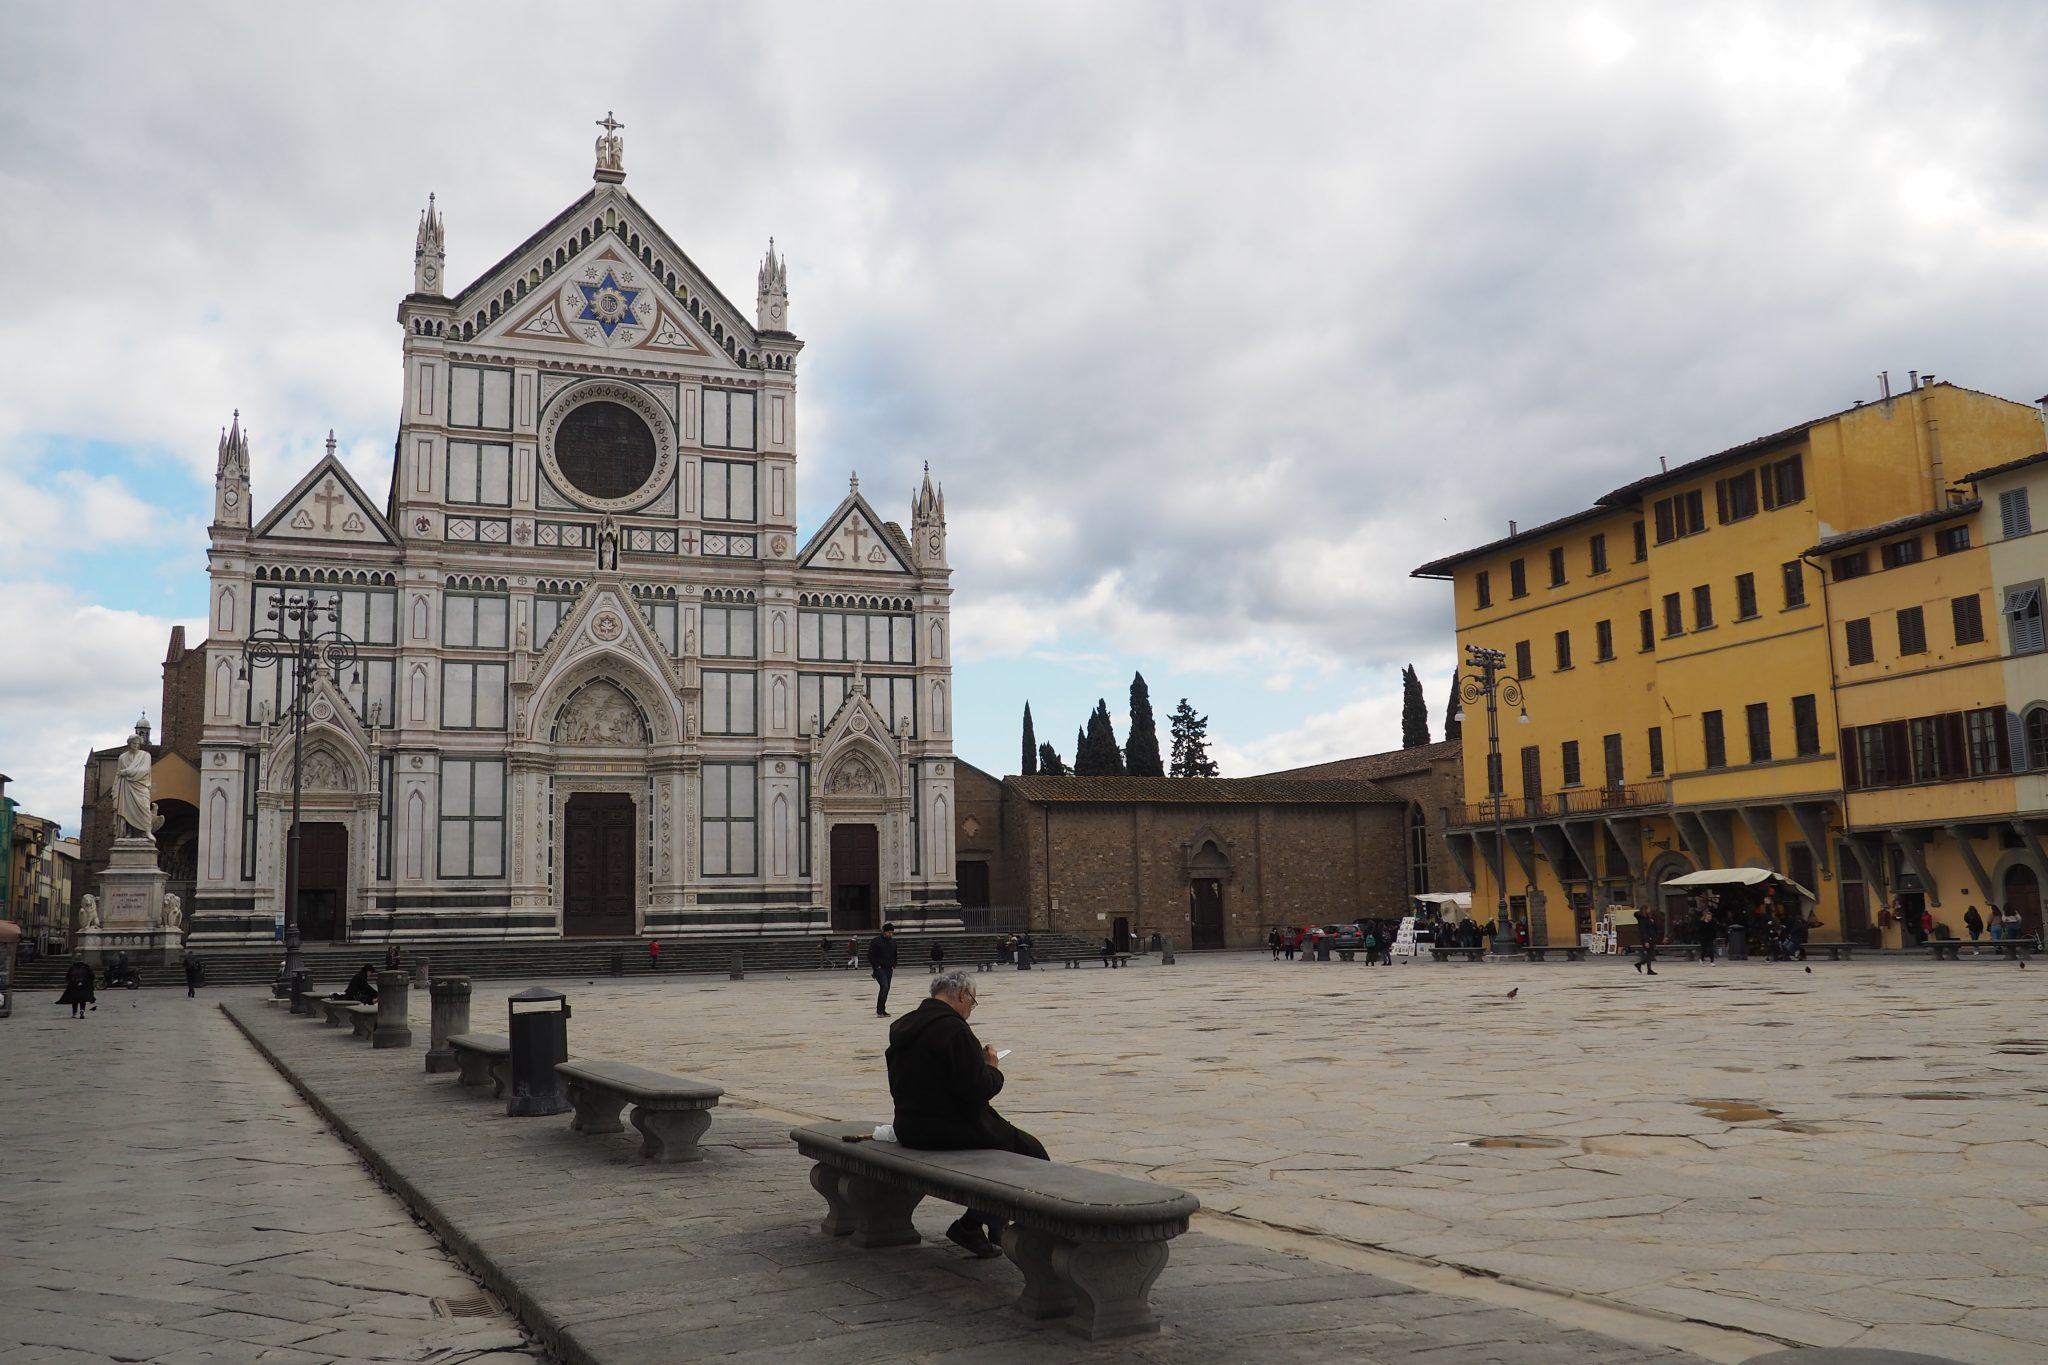 Firenze durante il coronavirus: Piazza Santa Croce deserta.